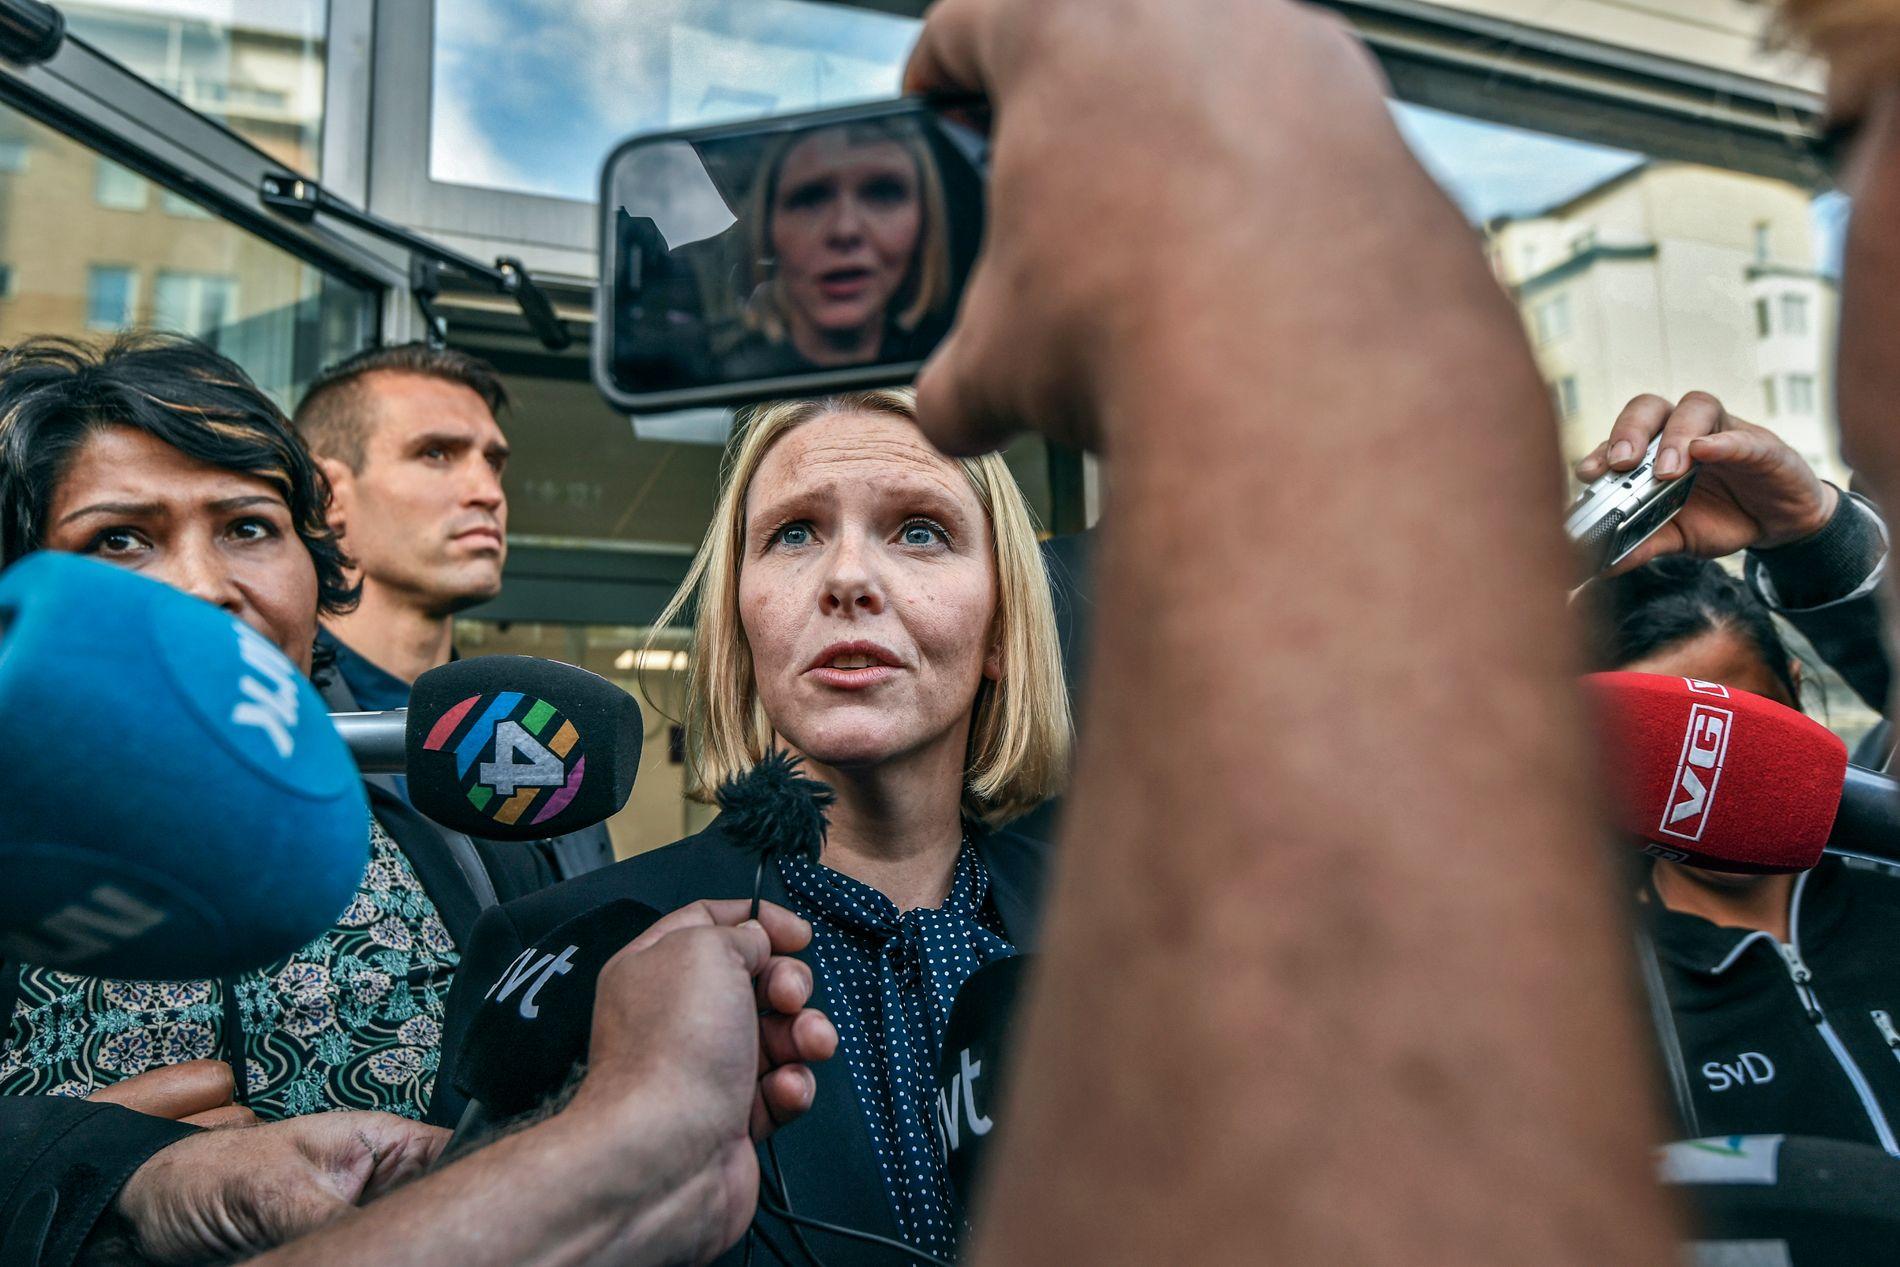 UTENLANDSTUR: Her er innvandrings- og integreringsminister Sylvi Listhaug på utelandsbesøk til Rinkeby i Stockholm. I januar skal hun reise til Øst-Afrika for å diskutere migrasjon og returavtaler, samt besøke flyktningleire.